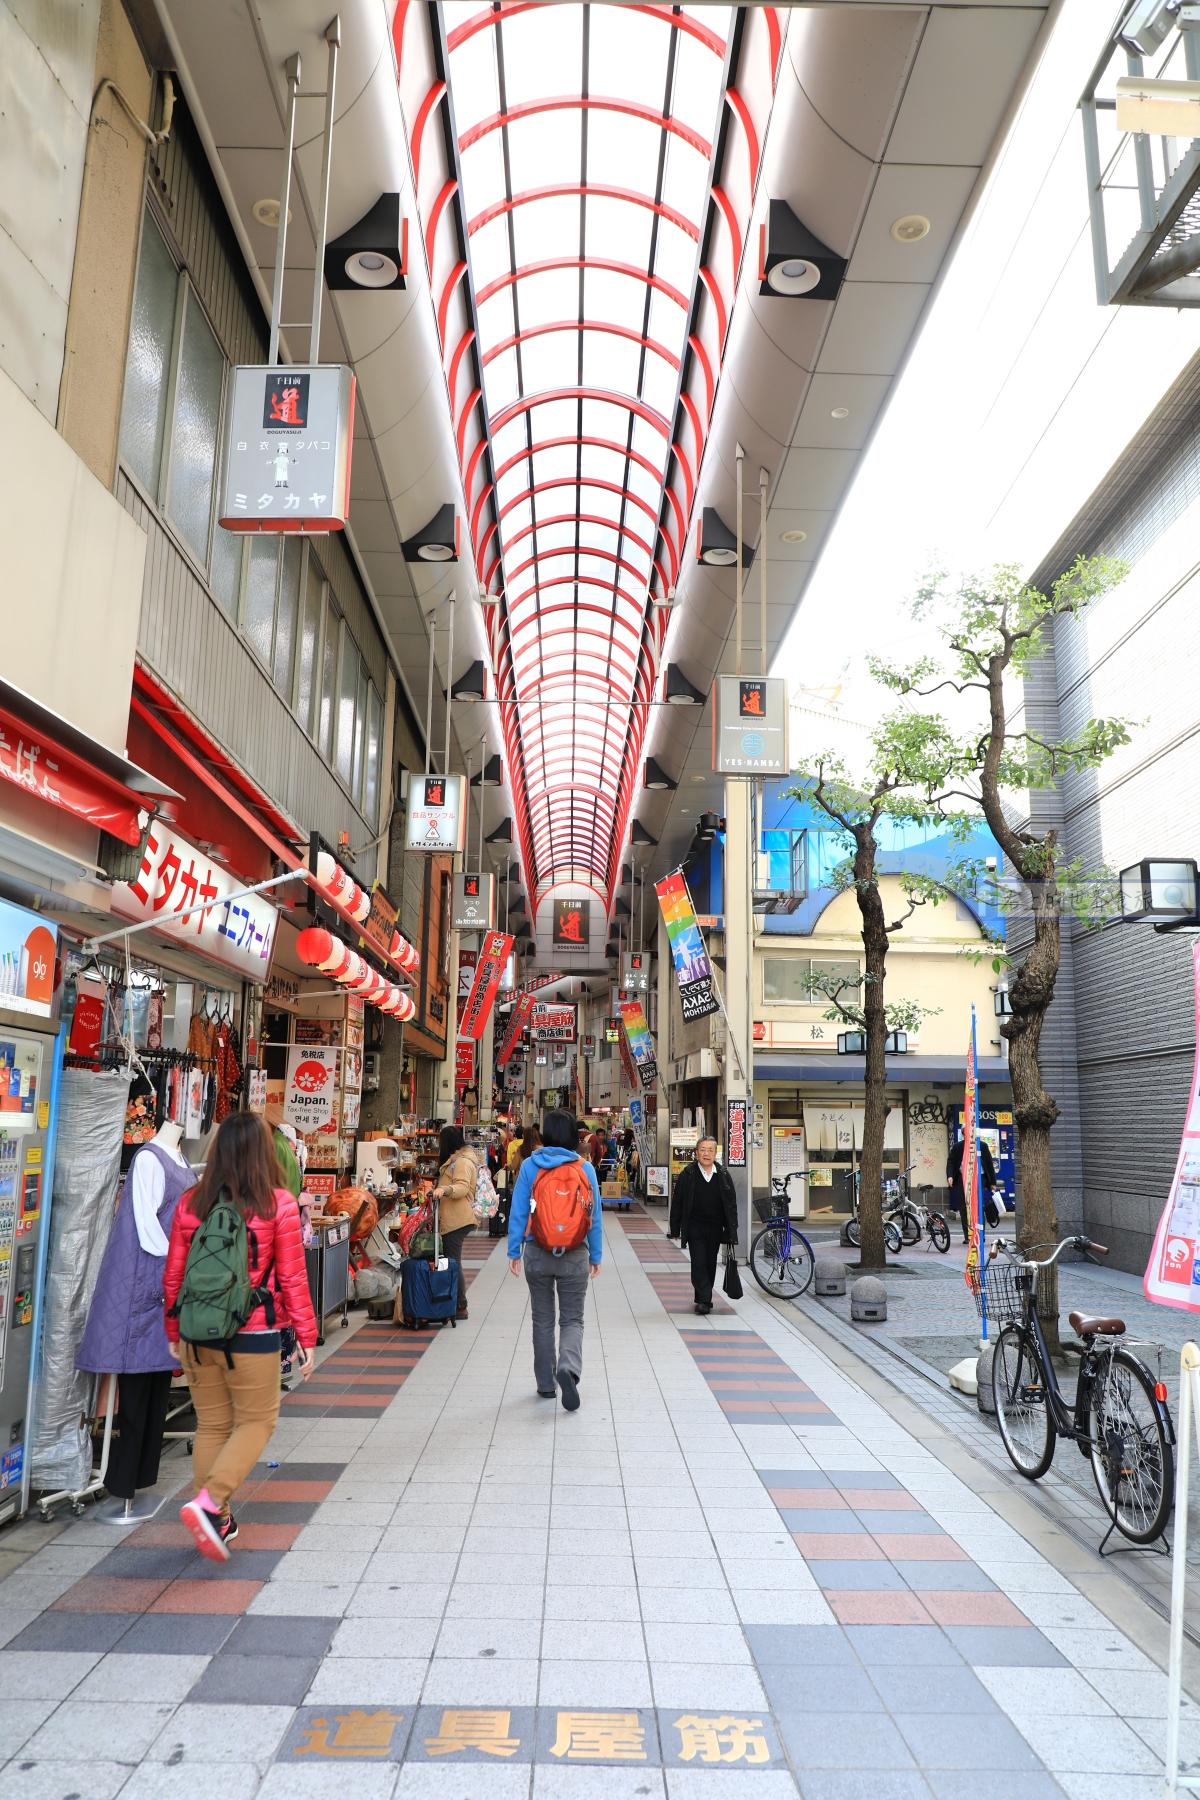 大阪旅遊-千日前道具屋筋商店街怎麼去?日式餐具、烹飪廚具上百萬種,挑到眼花撩亂 @愛旅行 - 右上的世界食旅